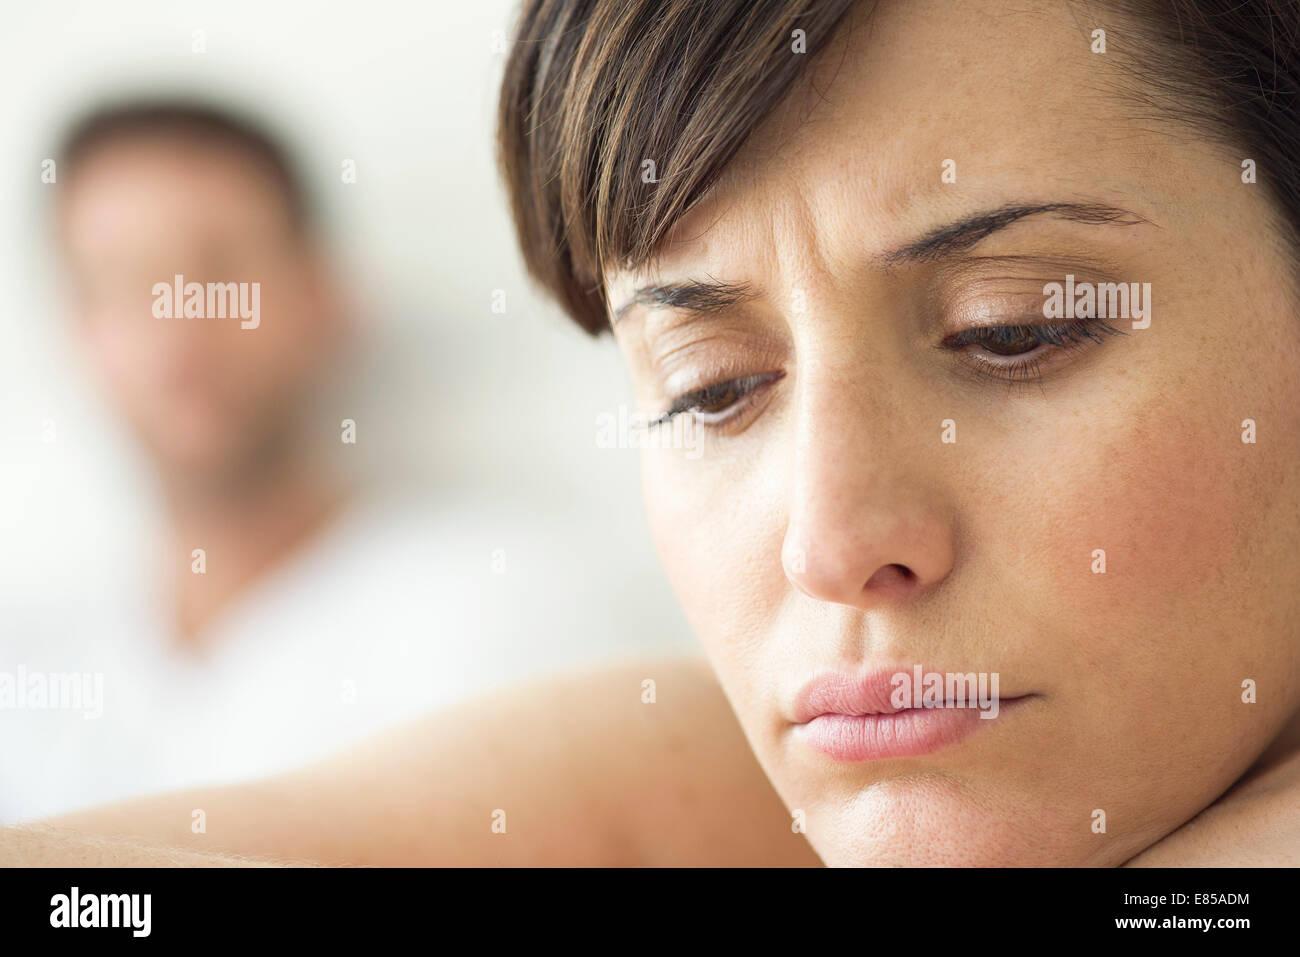 Frau, nachdenklich und zurückgezogen nach Meinungsverschiedenheiten mit Ehemann Stockbild